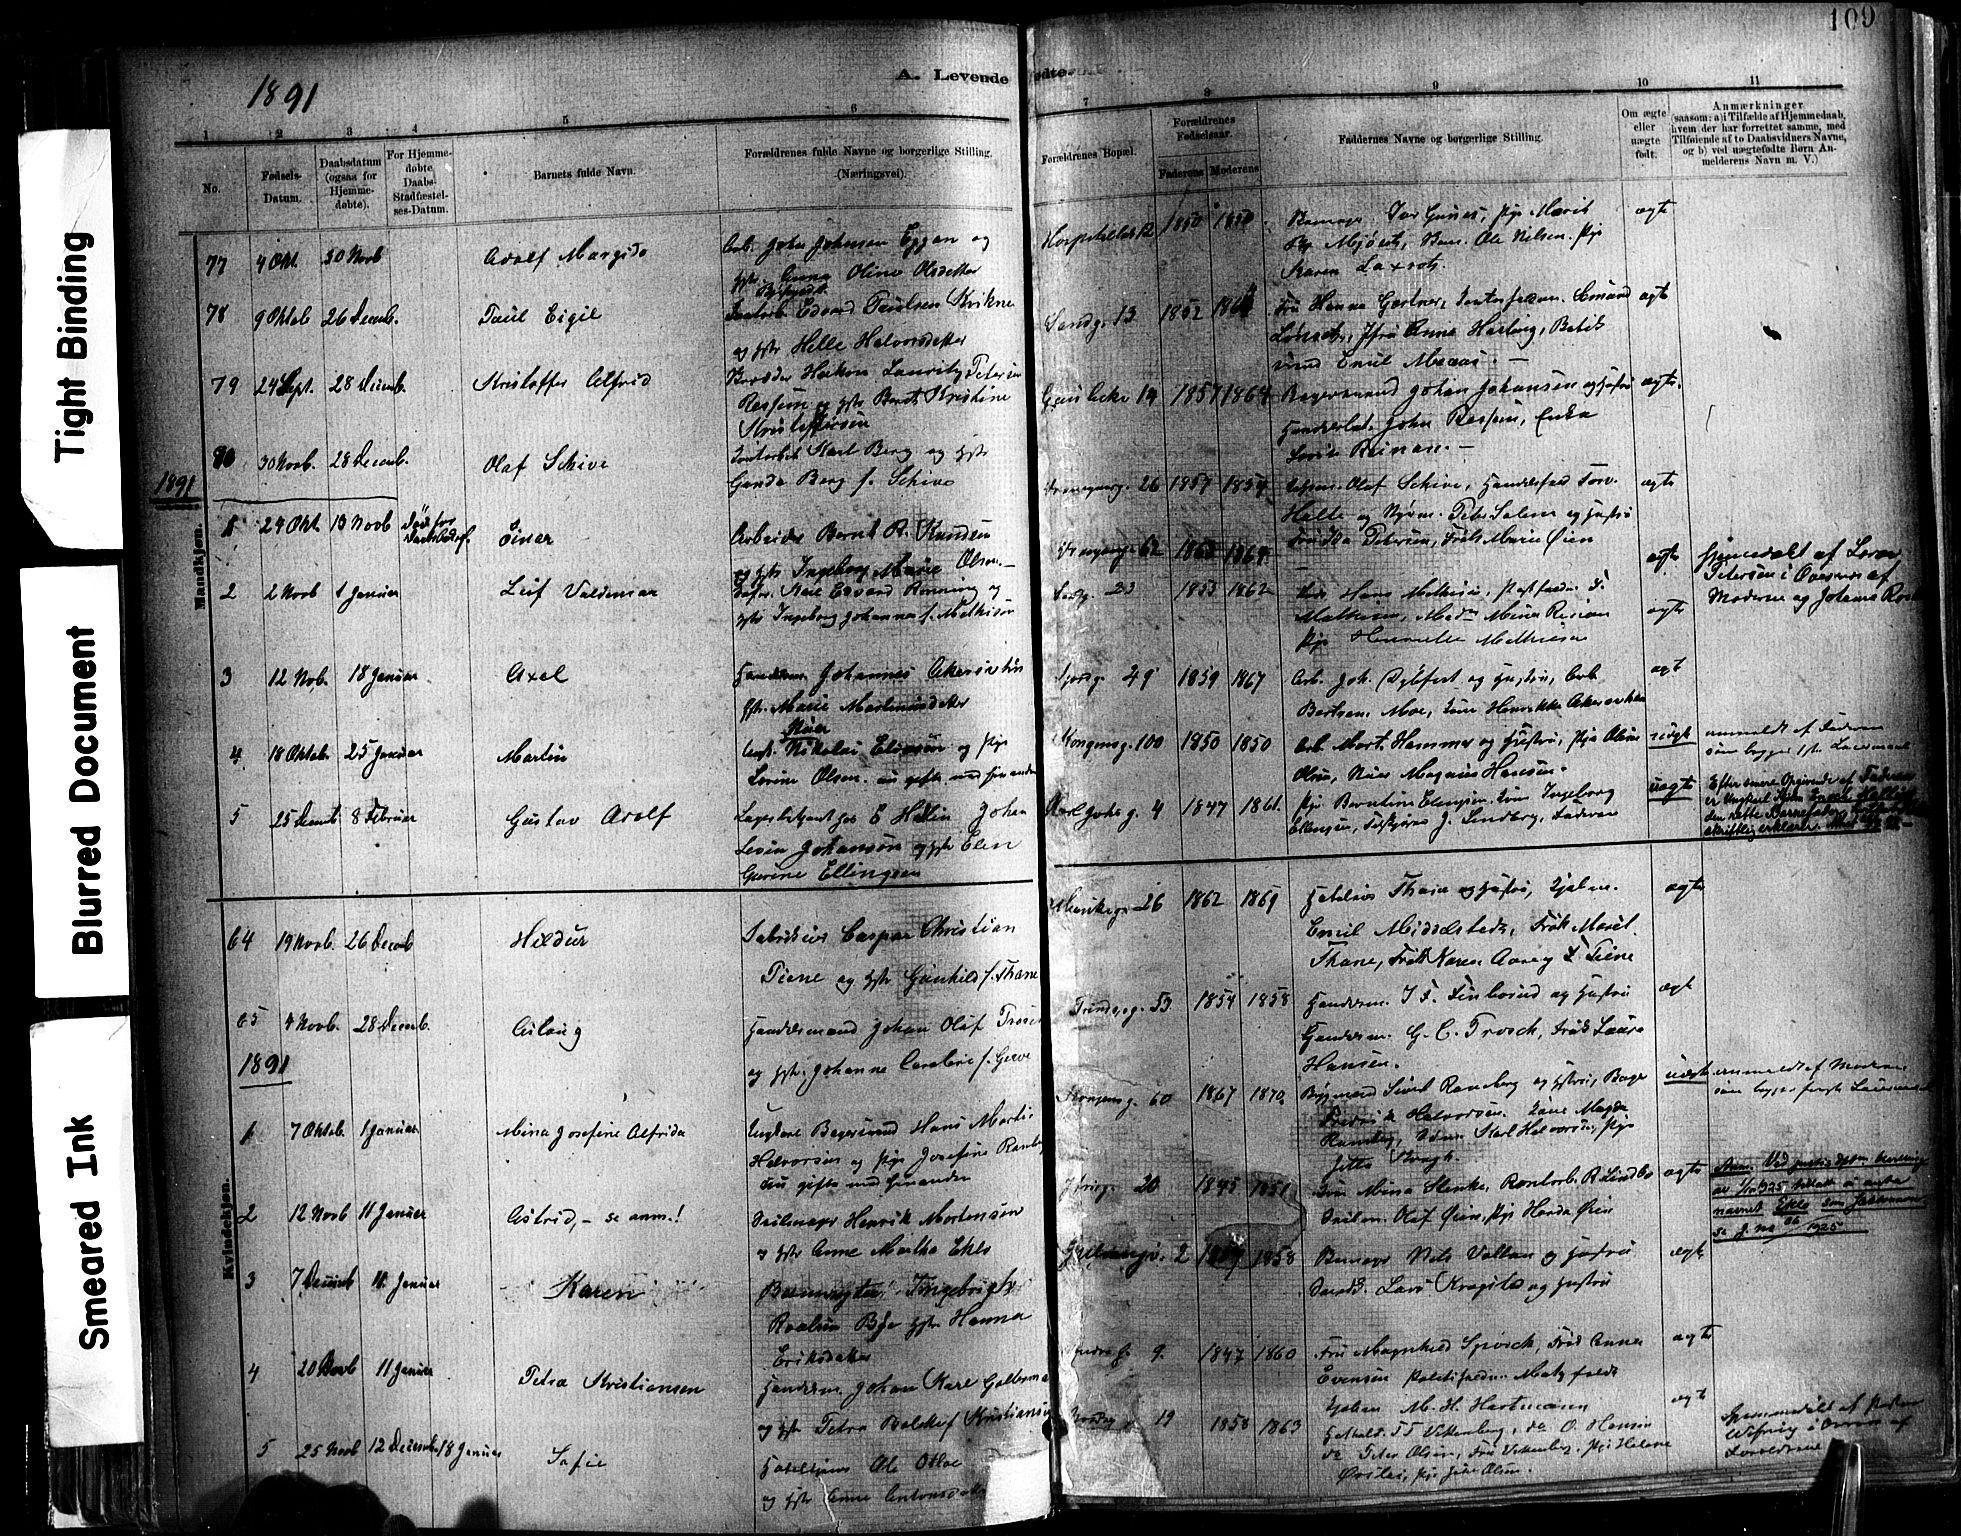 SAT, Ministerialprotokoller, klokkerbøker og fødselsregistre - Sør-Trøndelag, 602/L0119: Ministerialbok nr. 602A17, 1880-1901, s. 109